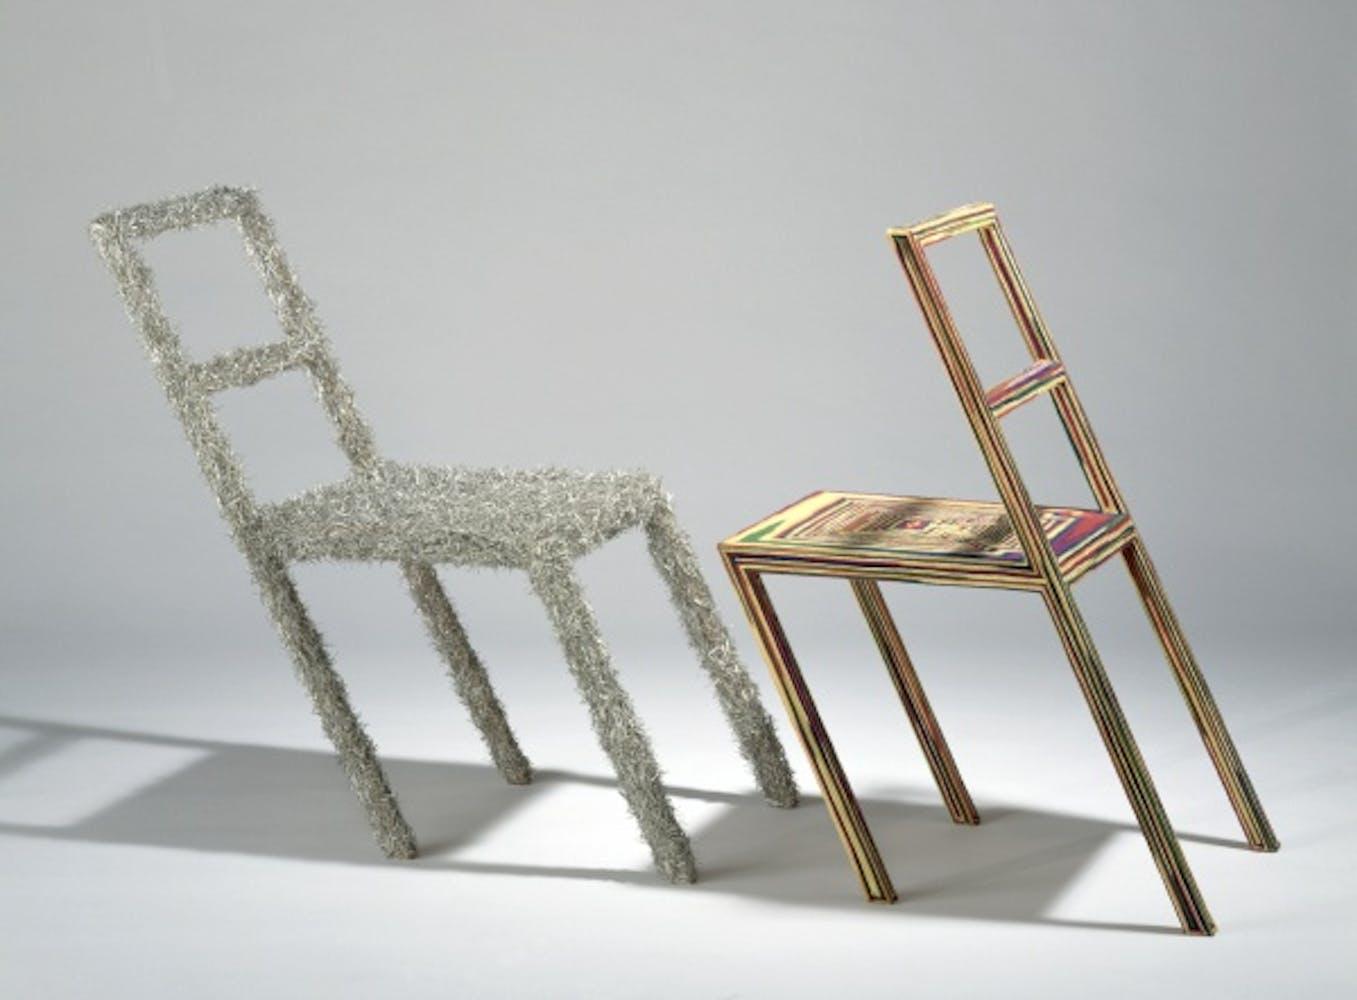 Lucas Samaras, Untitled, 1965